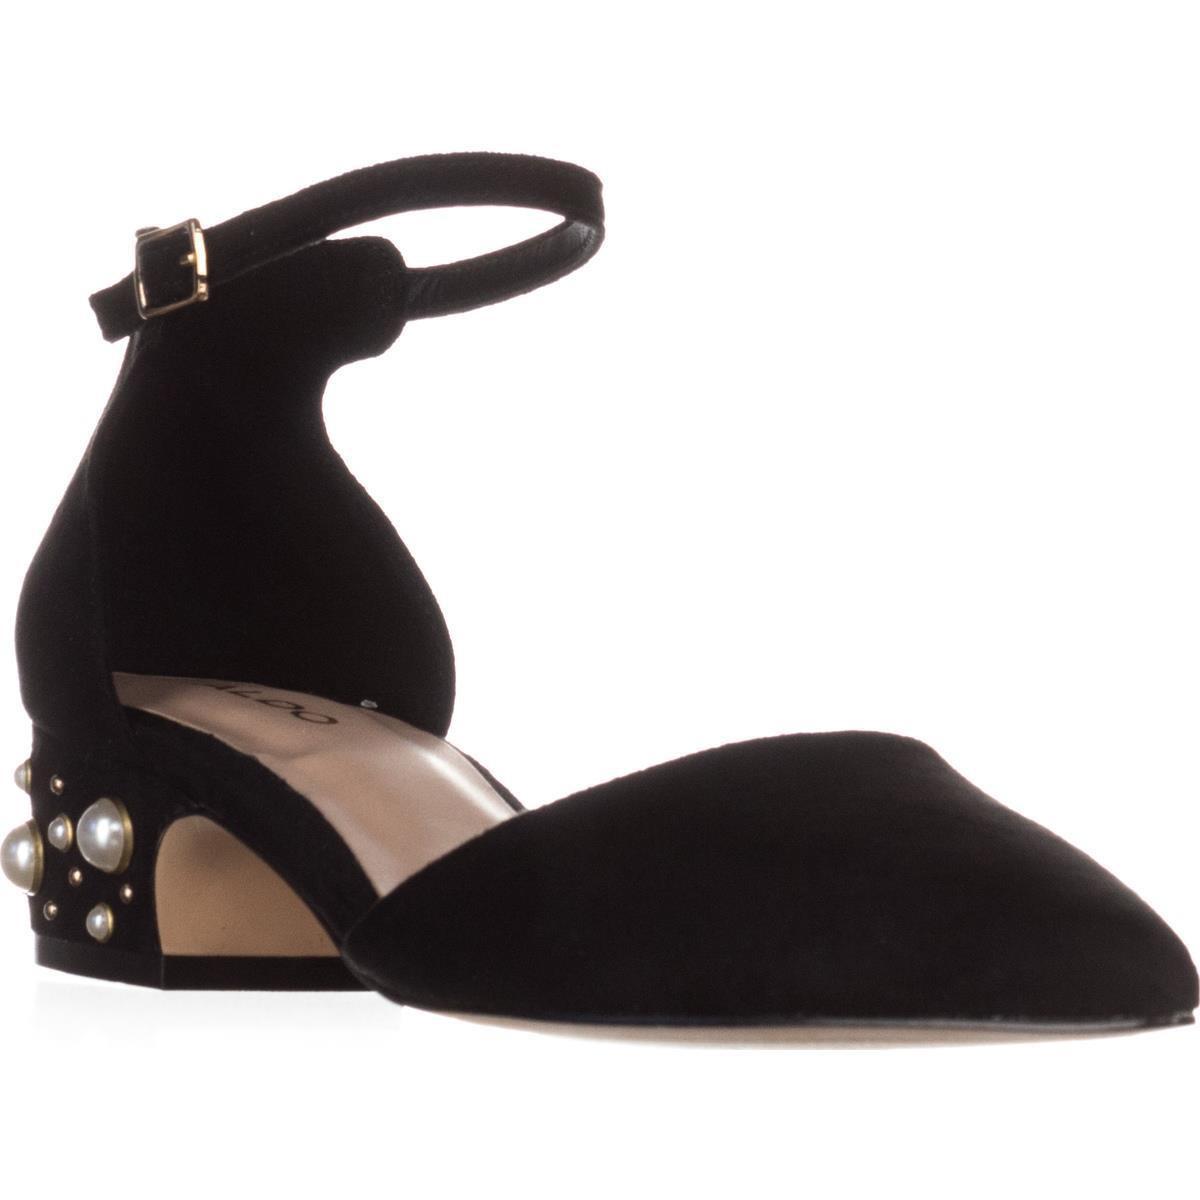 e71c29d8a772 Lyst - ALDO Wiliwiel Ankle-strap Low-heel Pumps in Black